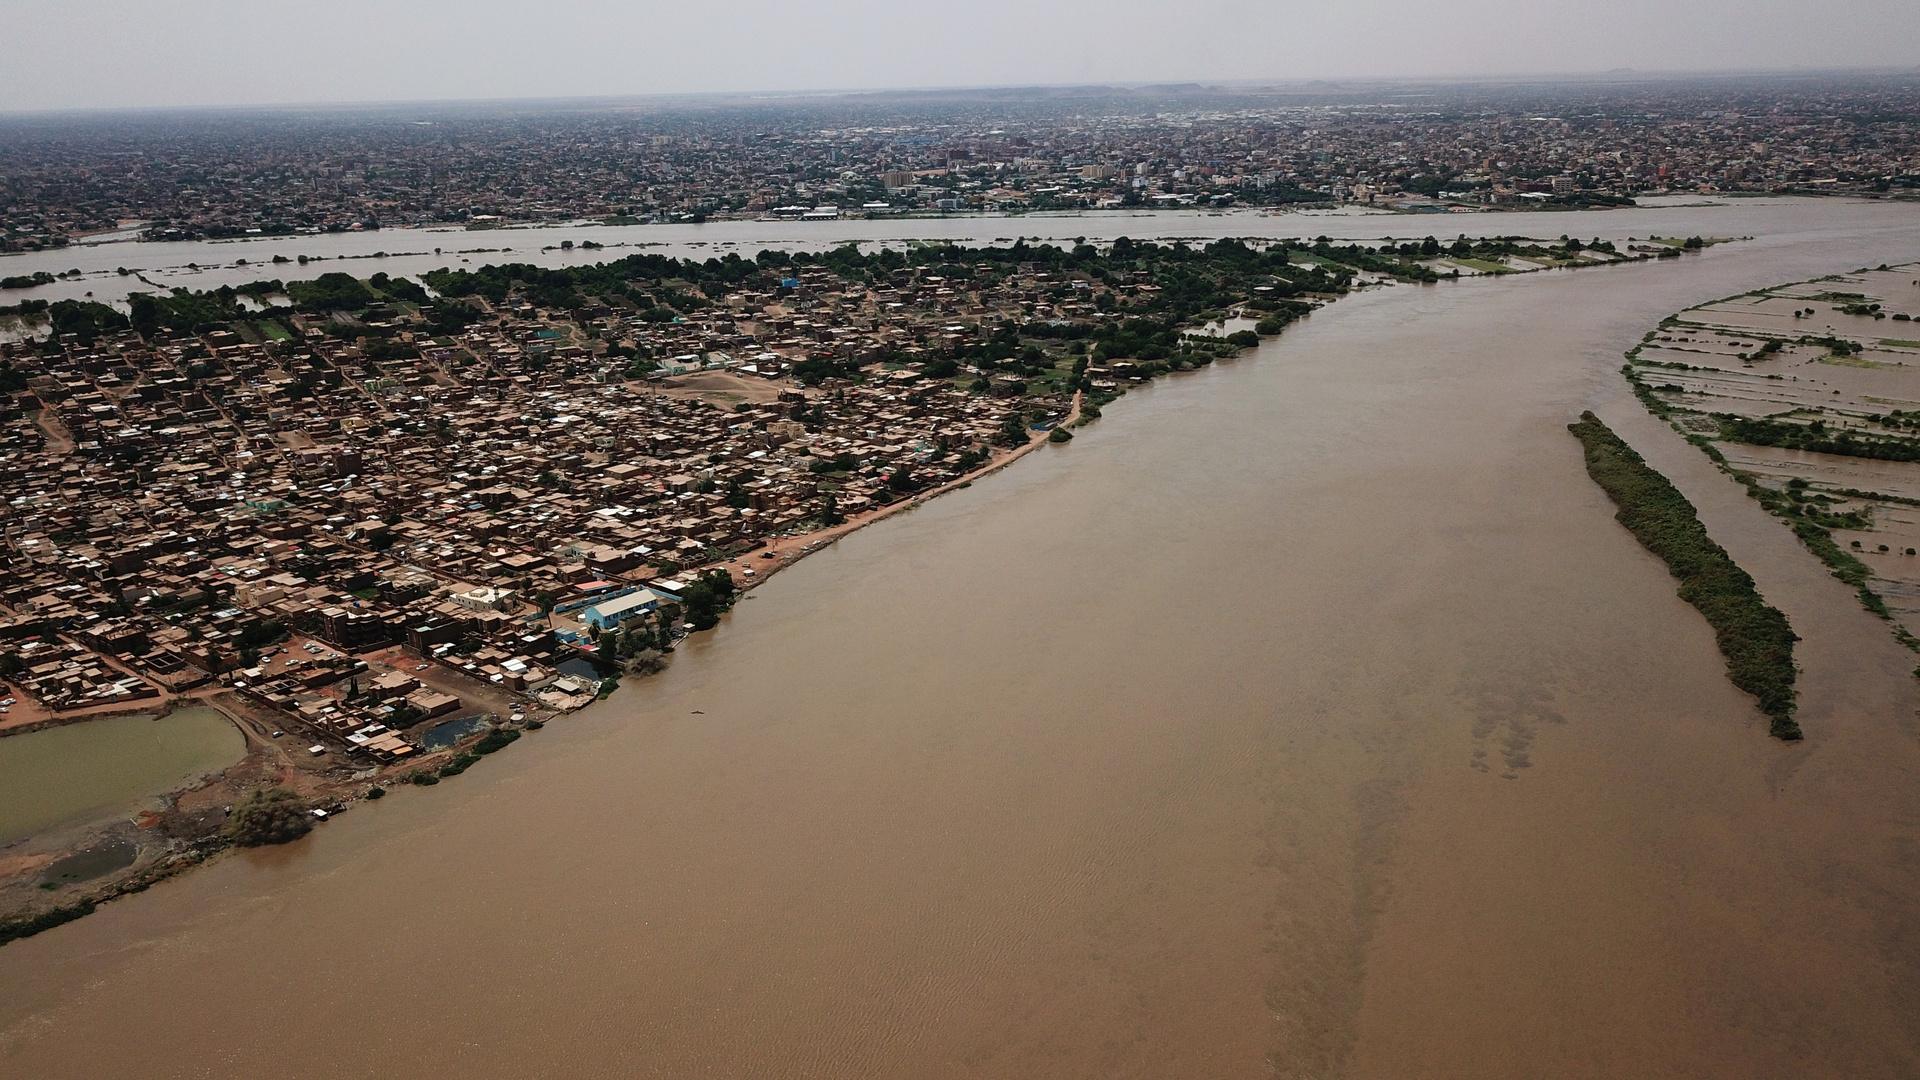 فيضان نهر النيل، جنوب الخرطوم